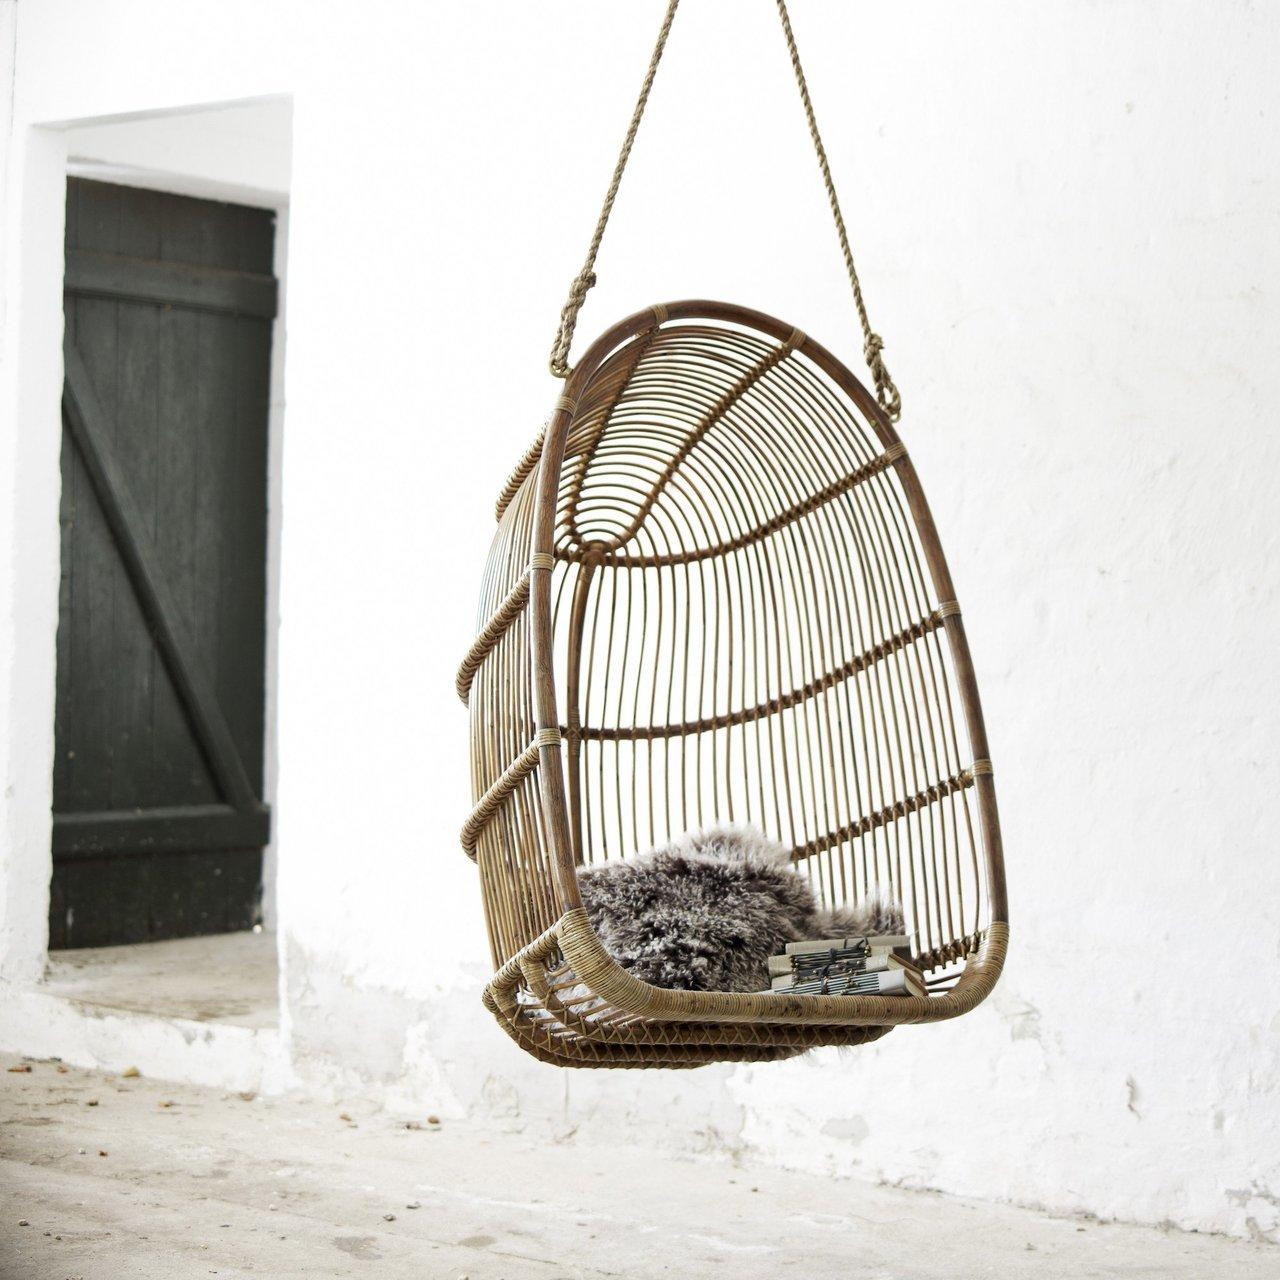 renoir-rattan-swing-chair-sika-design